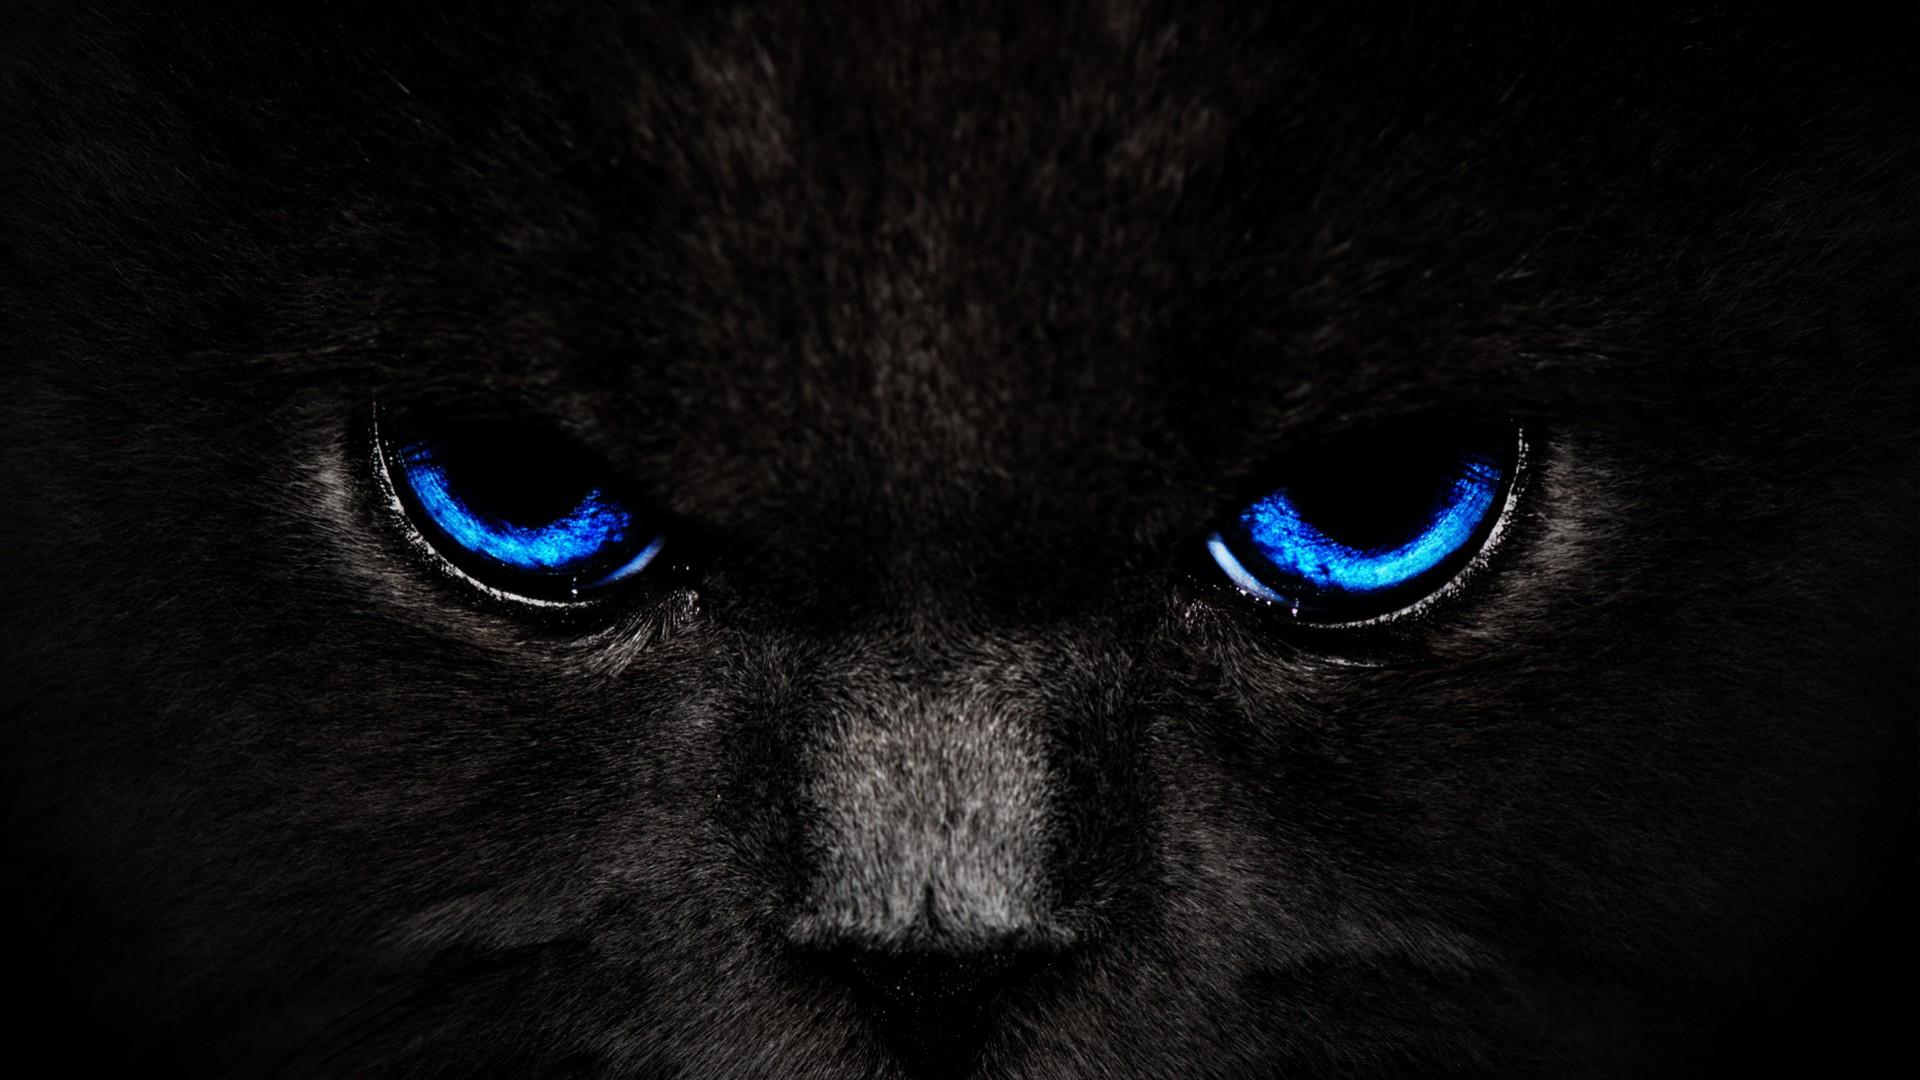 Black Cat wallpaper 15